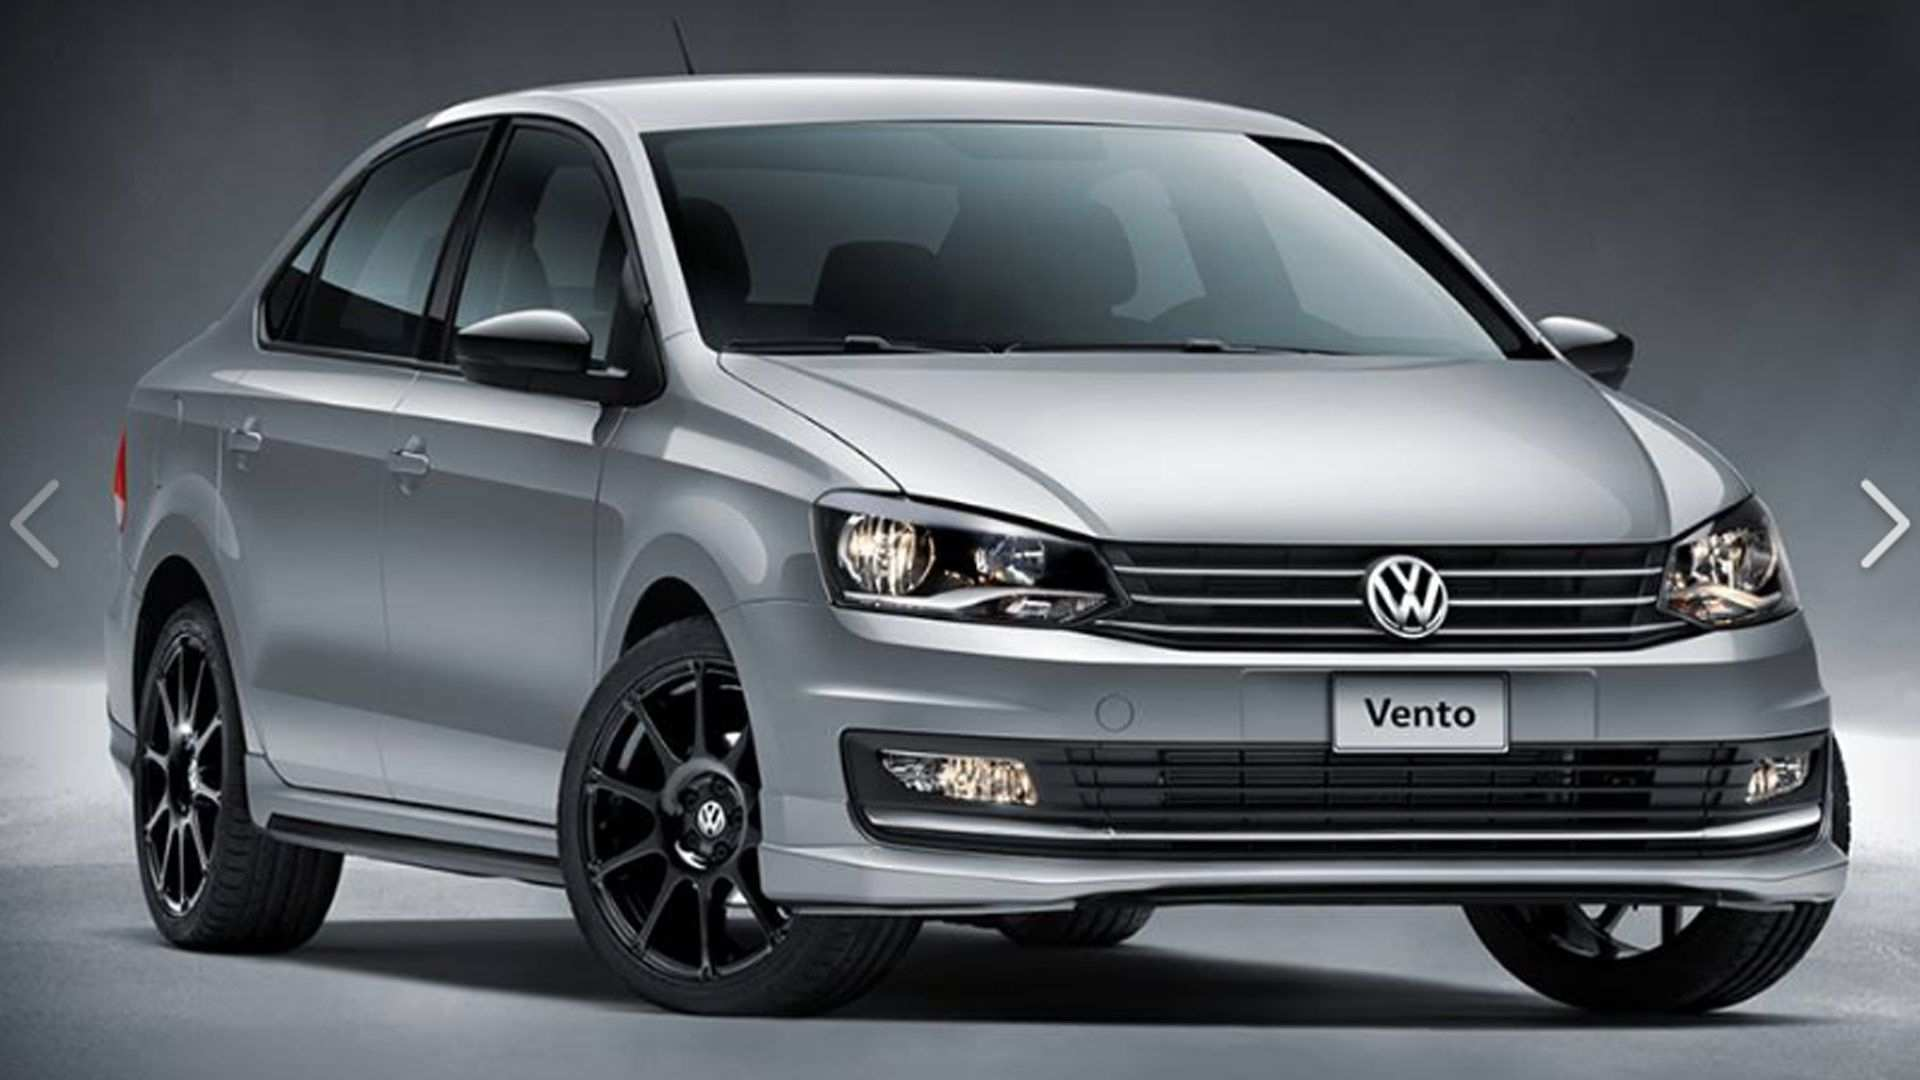 70 Great Vento Volkswagen 2019 Rumors for Vento Volkswagen 2019